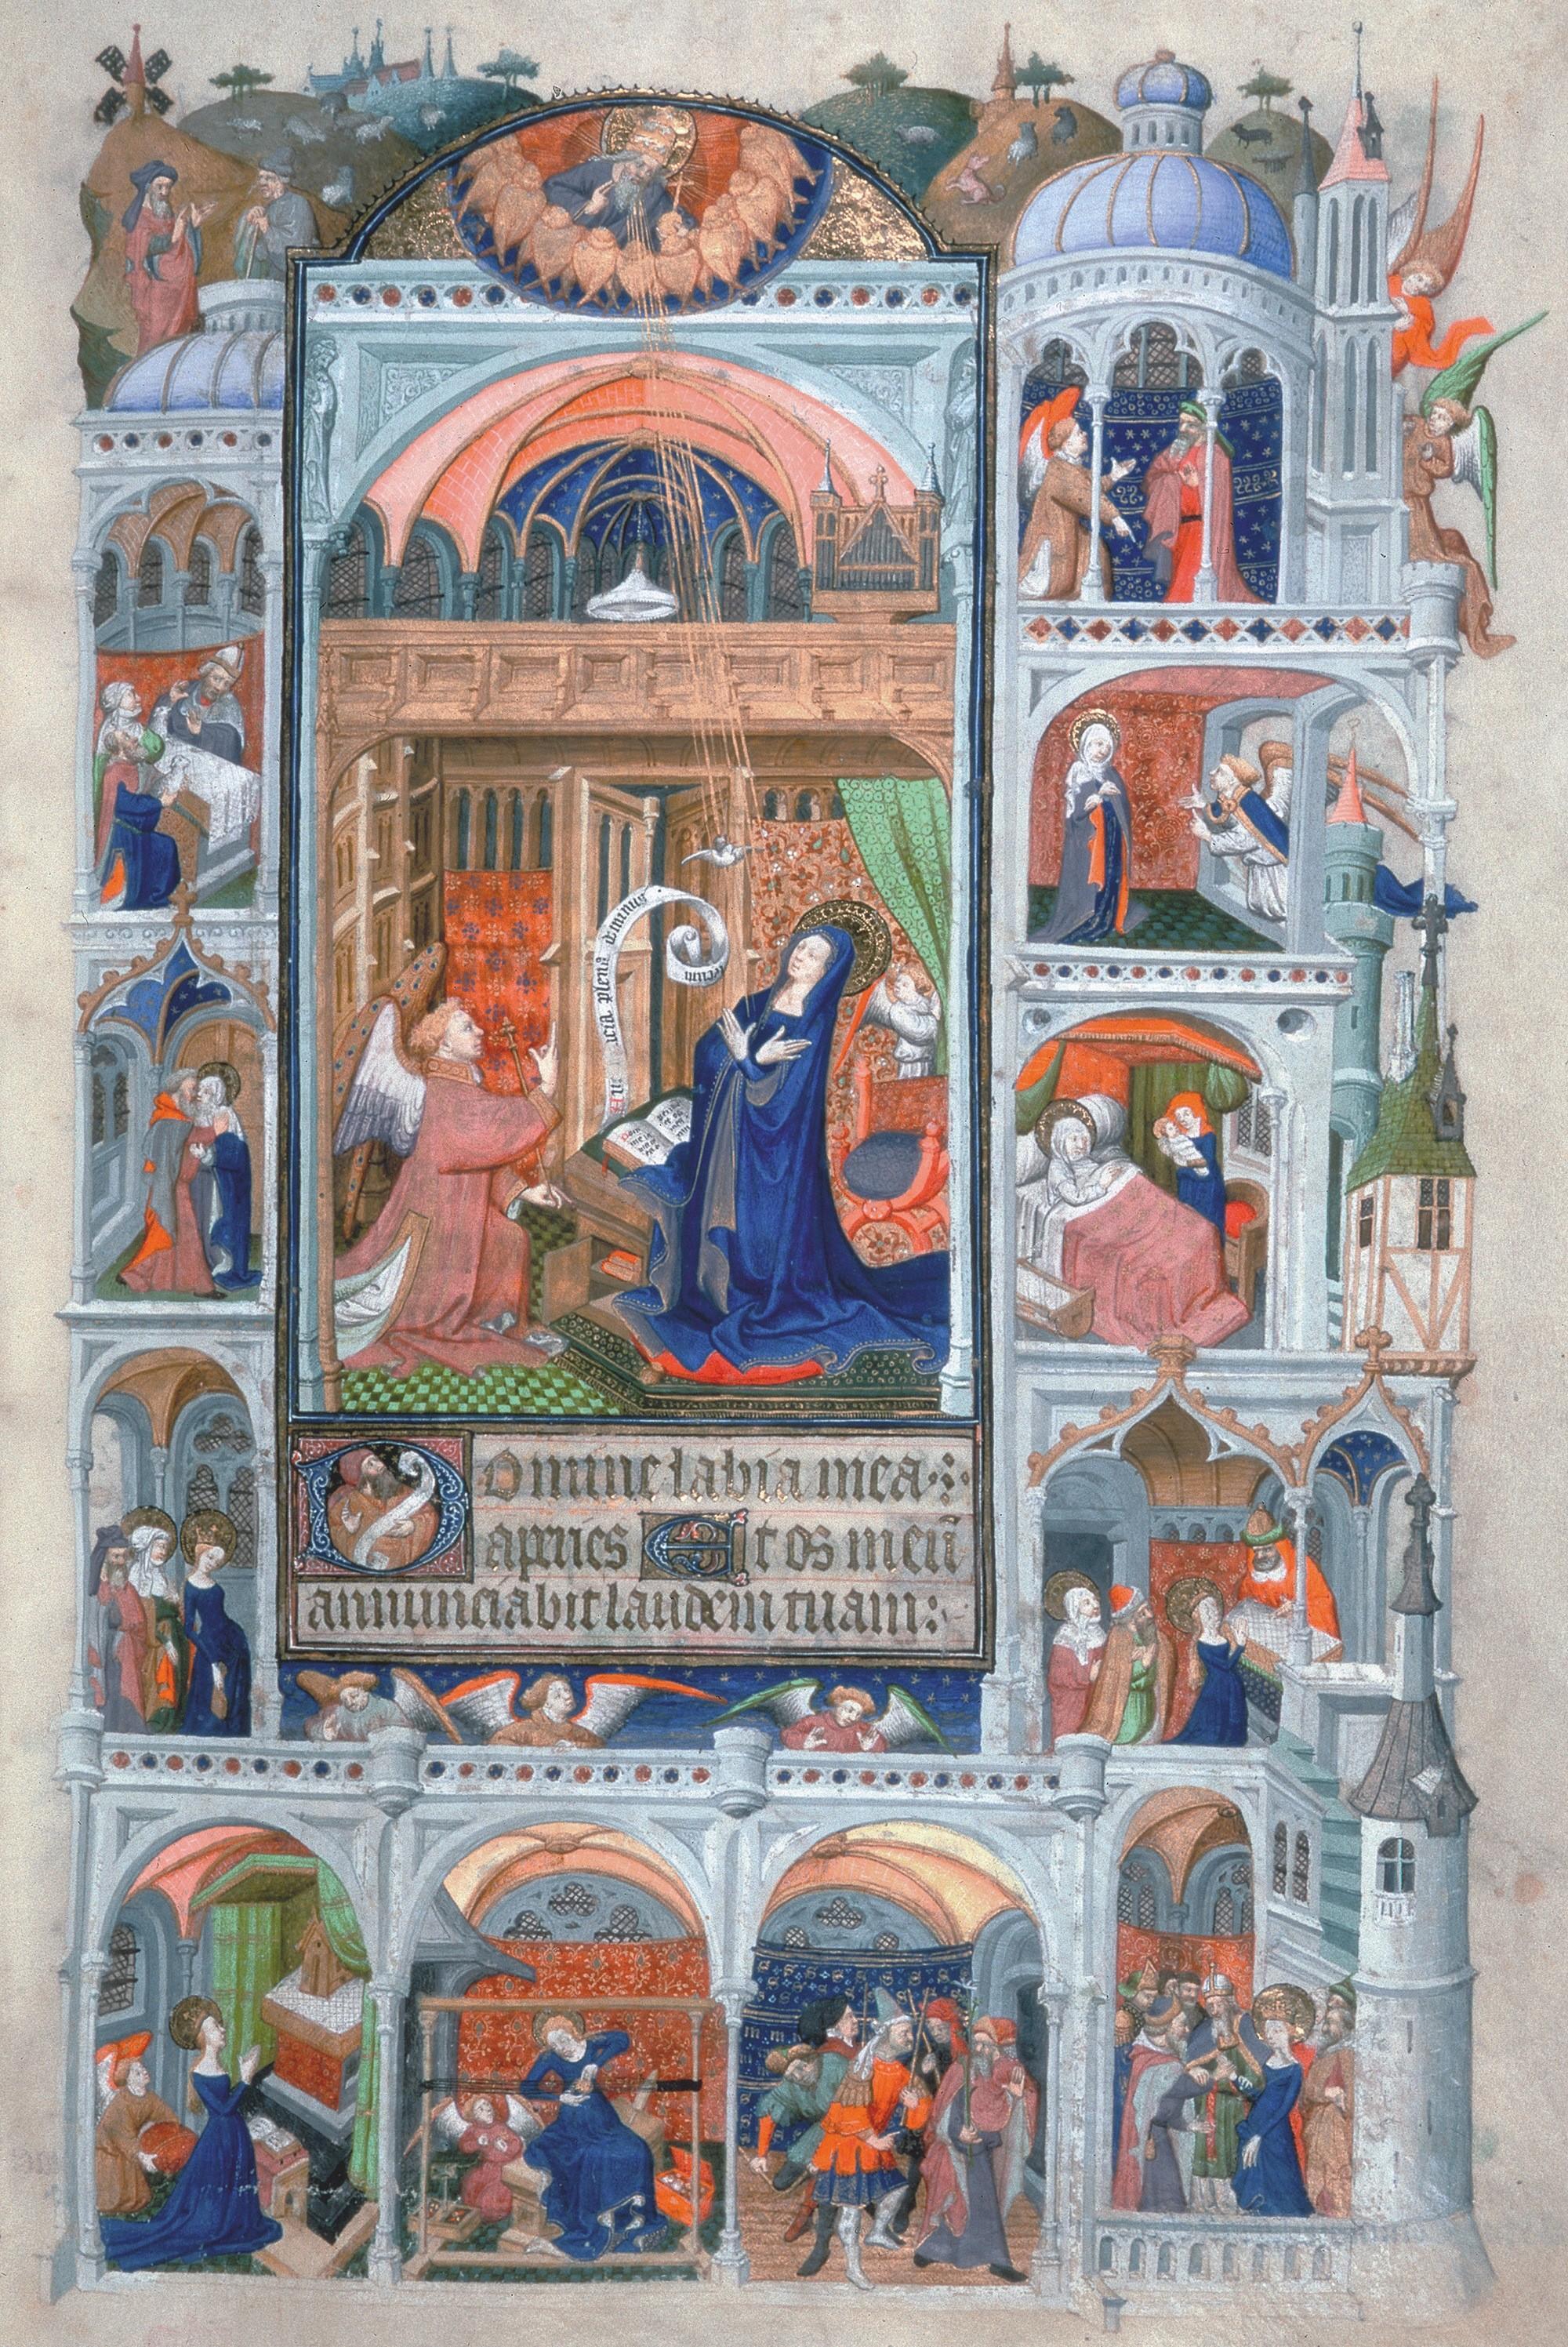 Maître de Bedford (enlumineur), Livre d'heures du duc de Bedford, vers 1430.